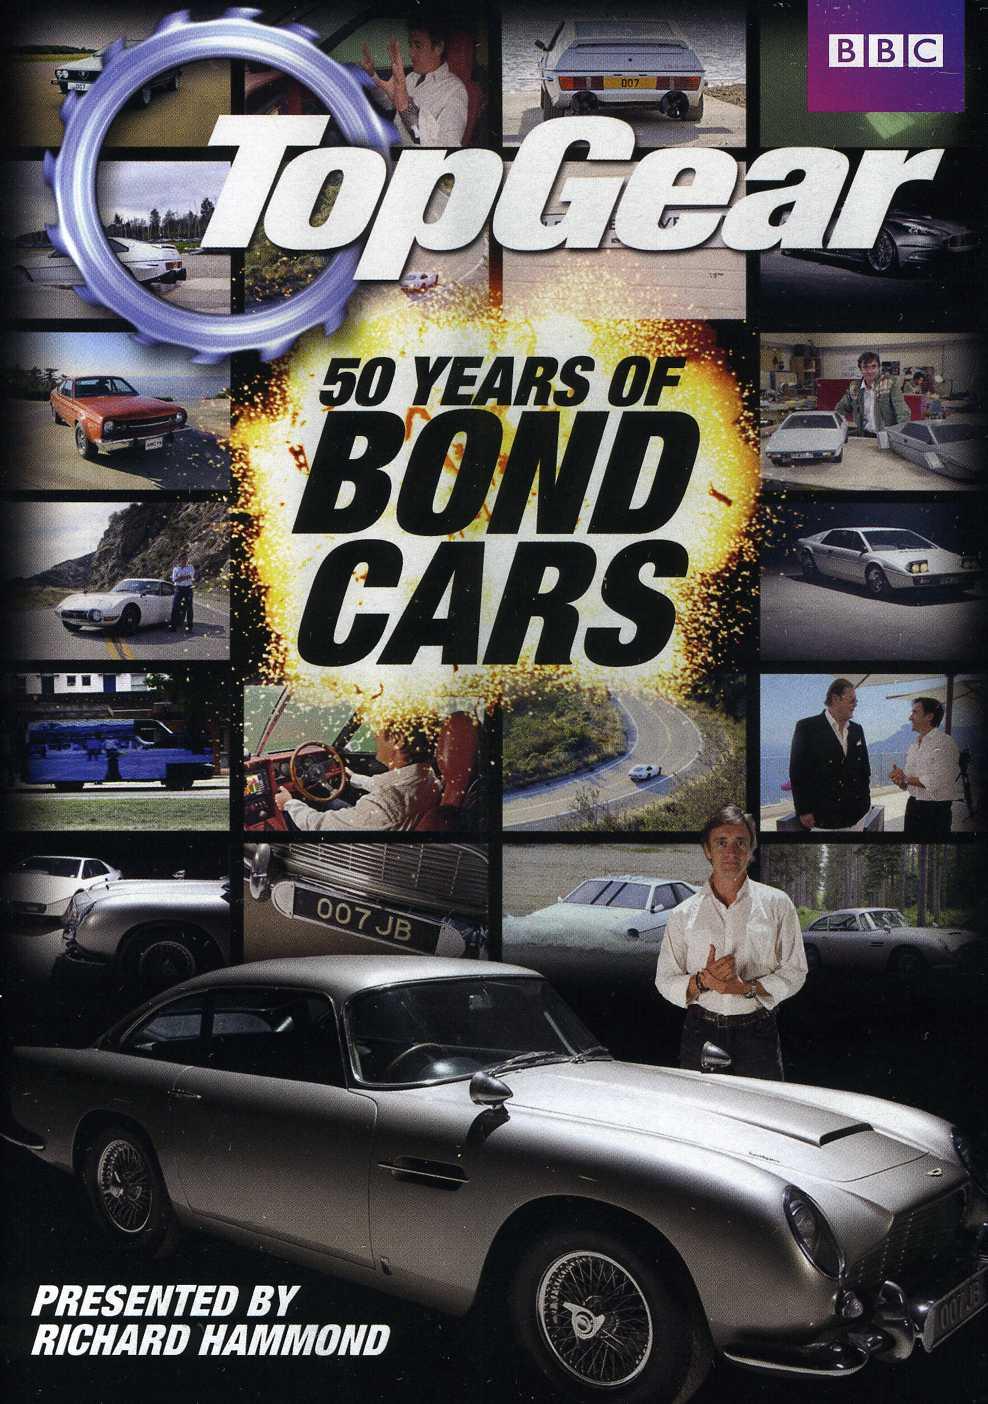 داونلود برنامه ویژه تاپ گیر 50 Years of Bond Cars